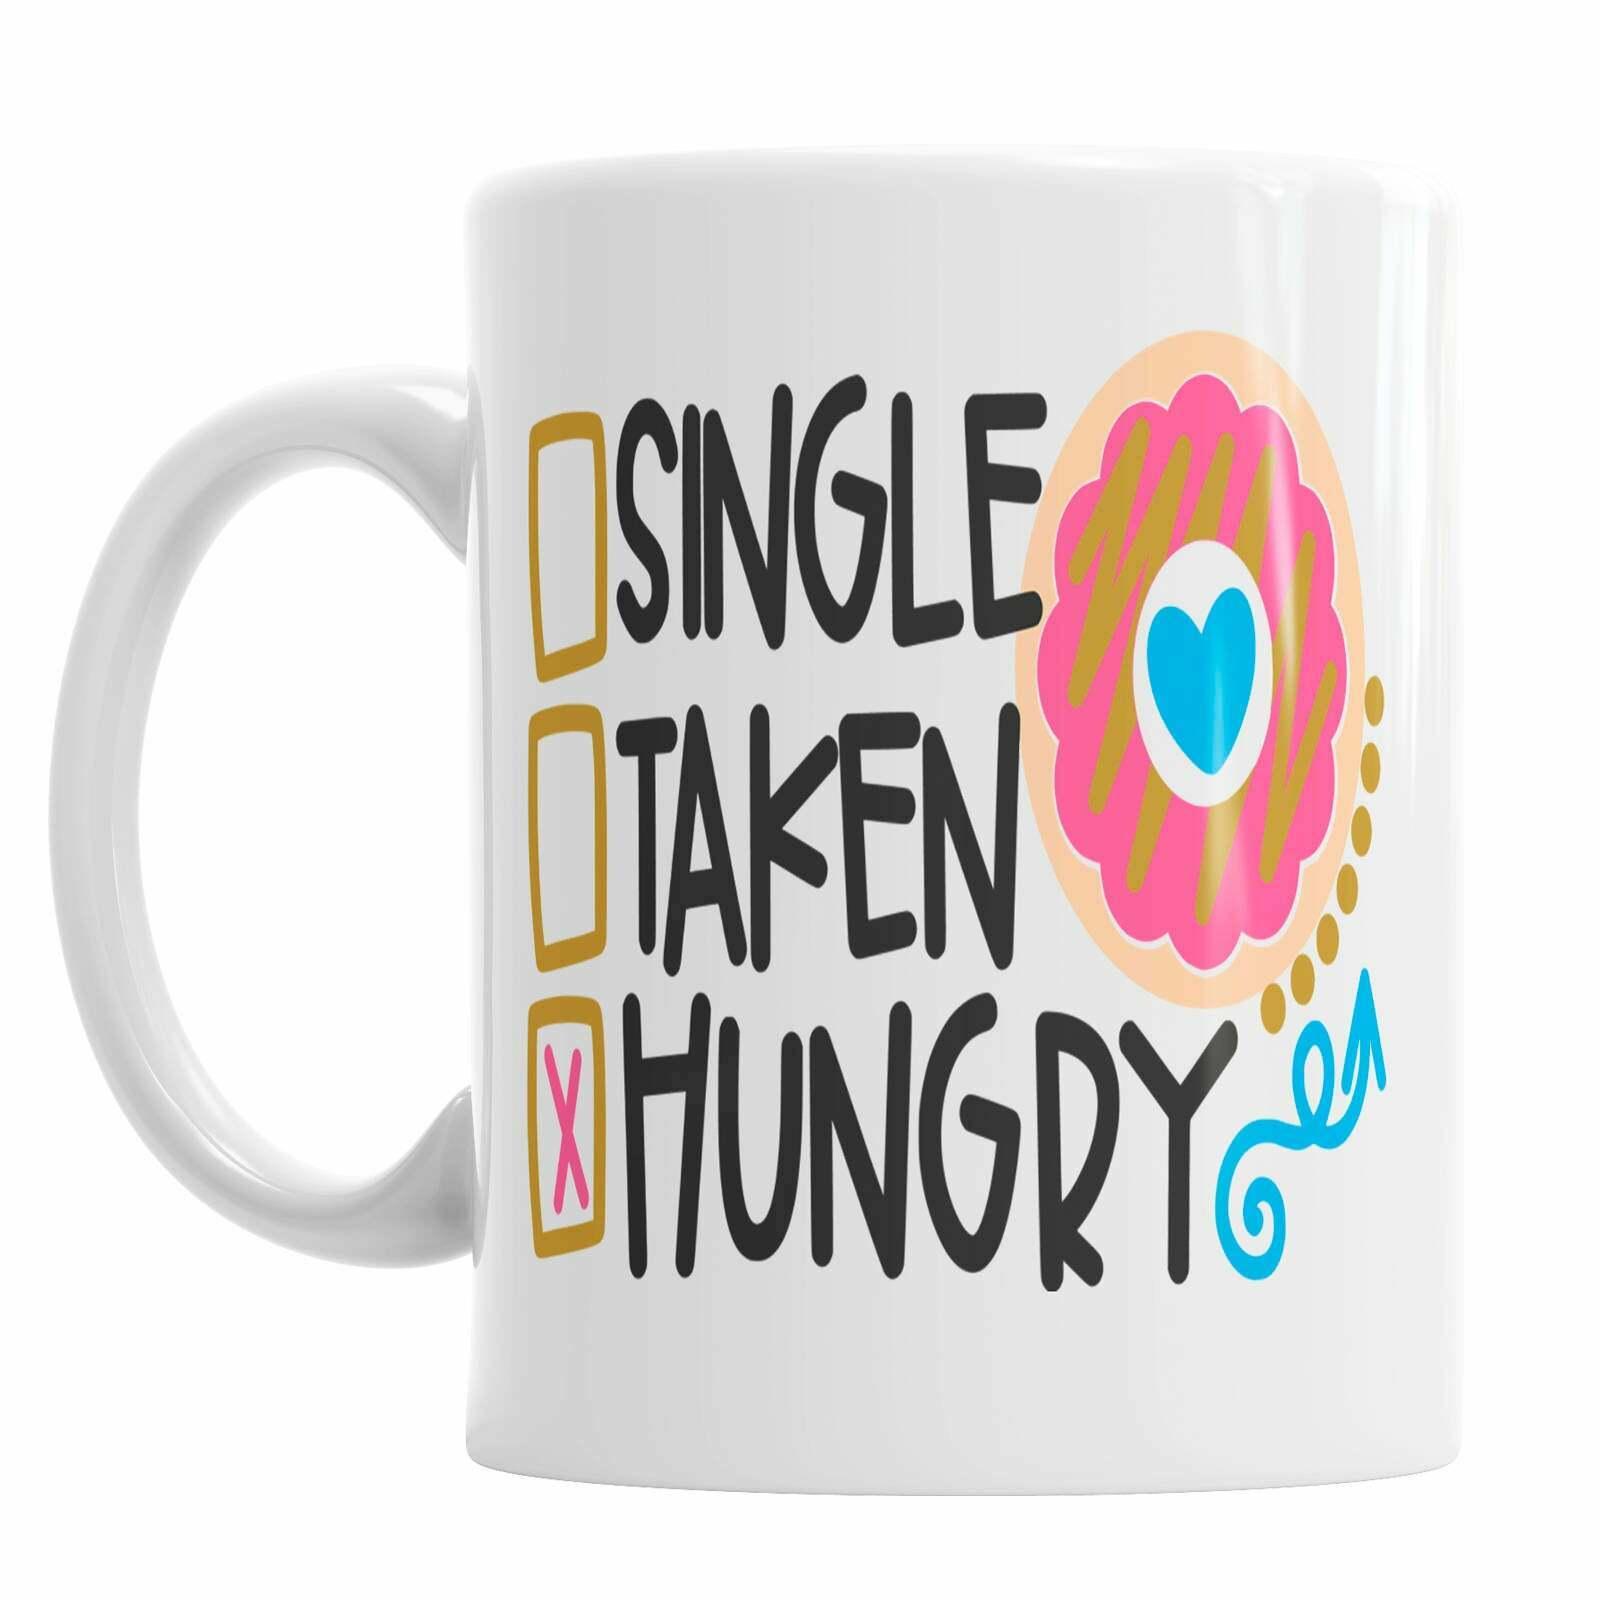 Single Taken Hungry Mug Birthday Mug Mug Gift Romantic Mug Husband Mug - $13.99